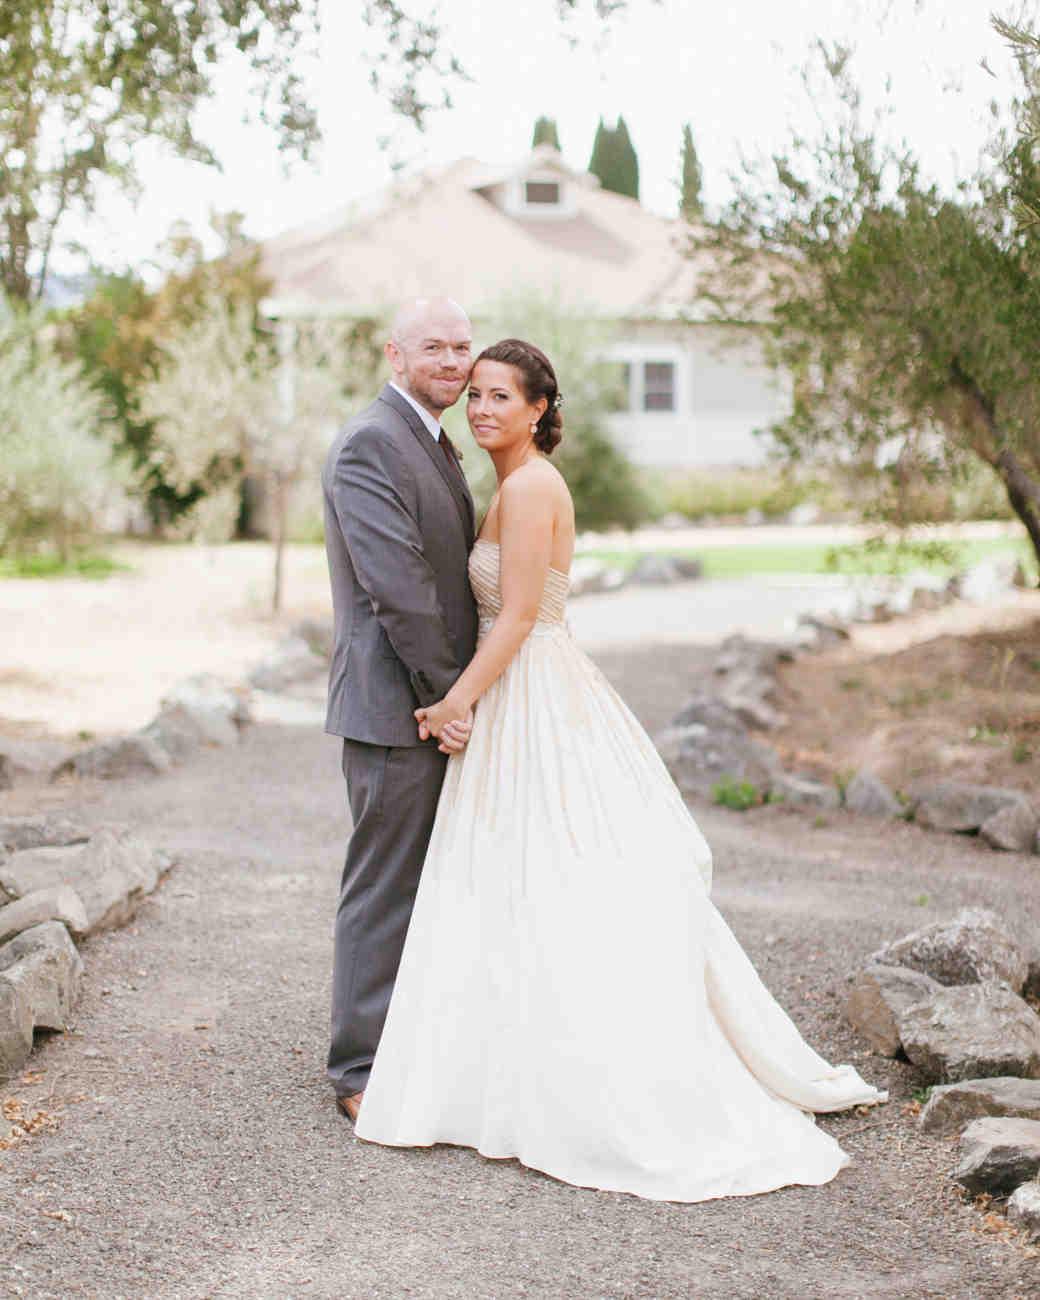 julia-dave-wedding-portrait1-0414.jpg